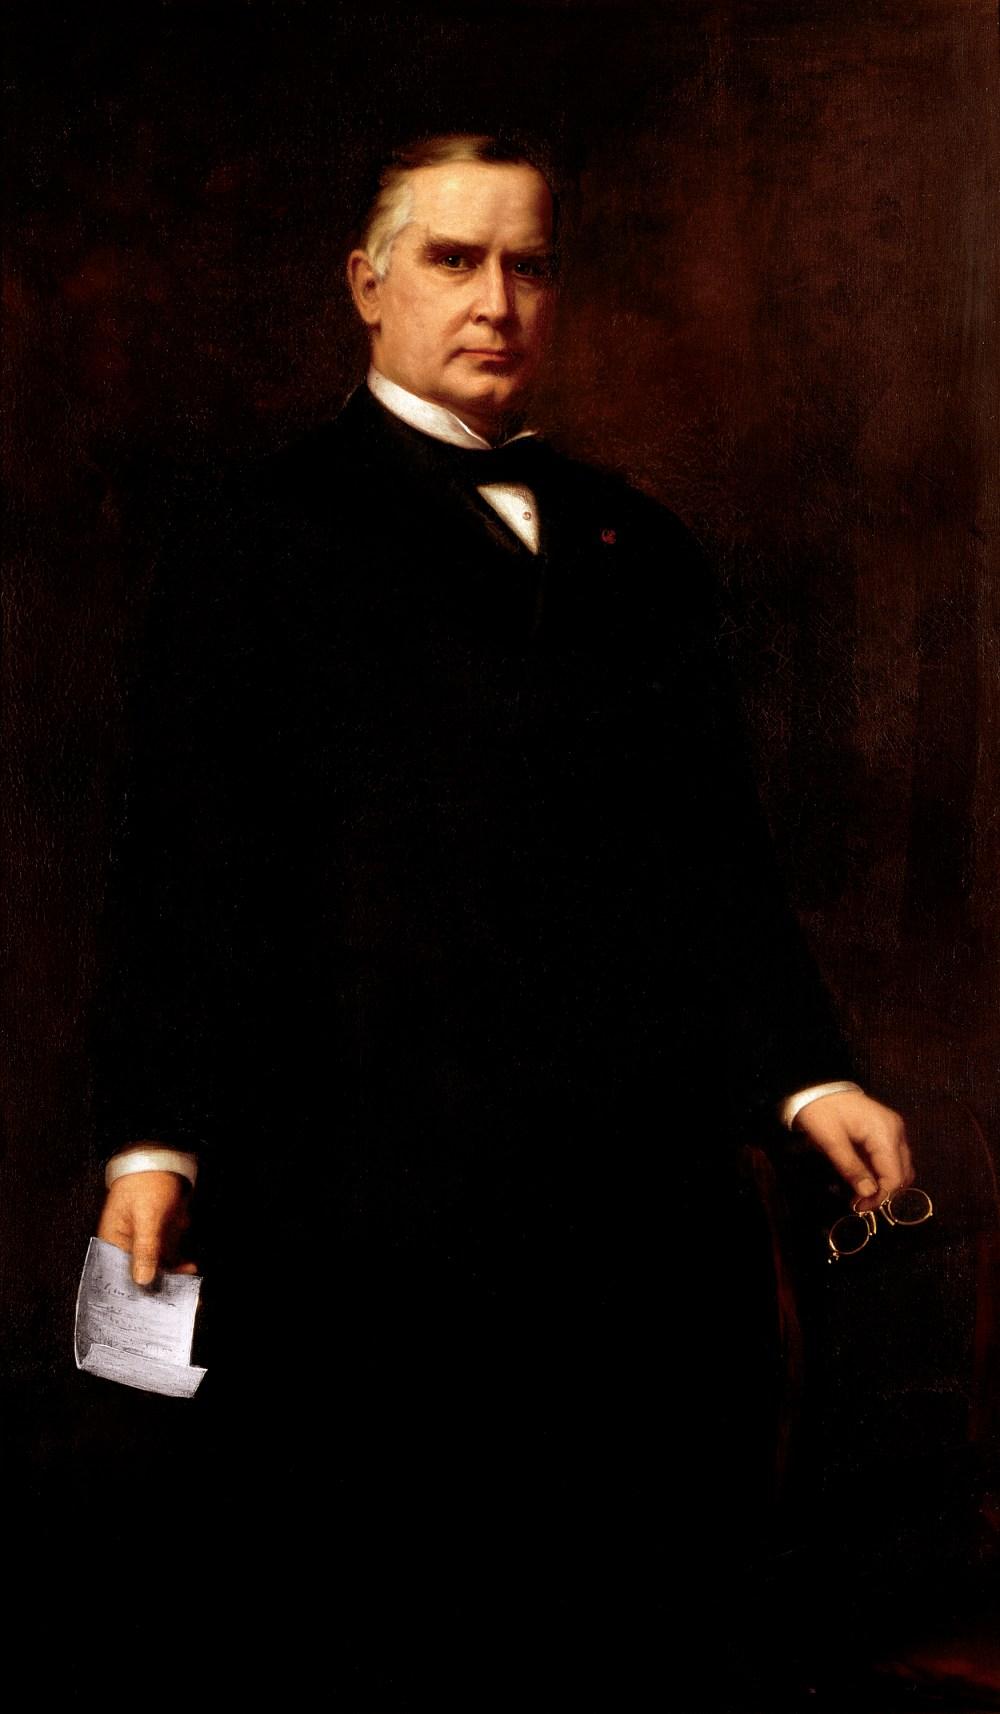 William McKinley, Presidential Portrait